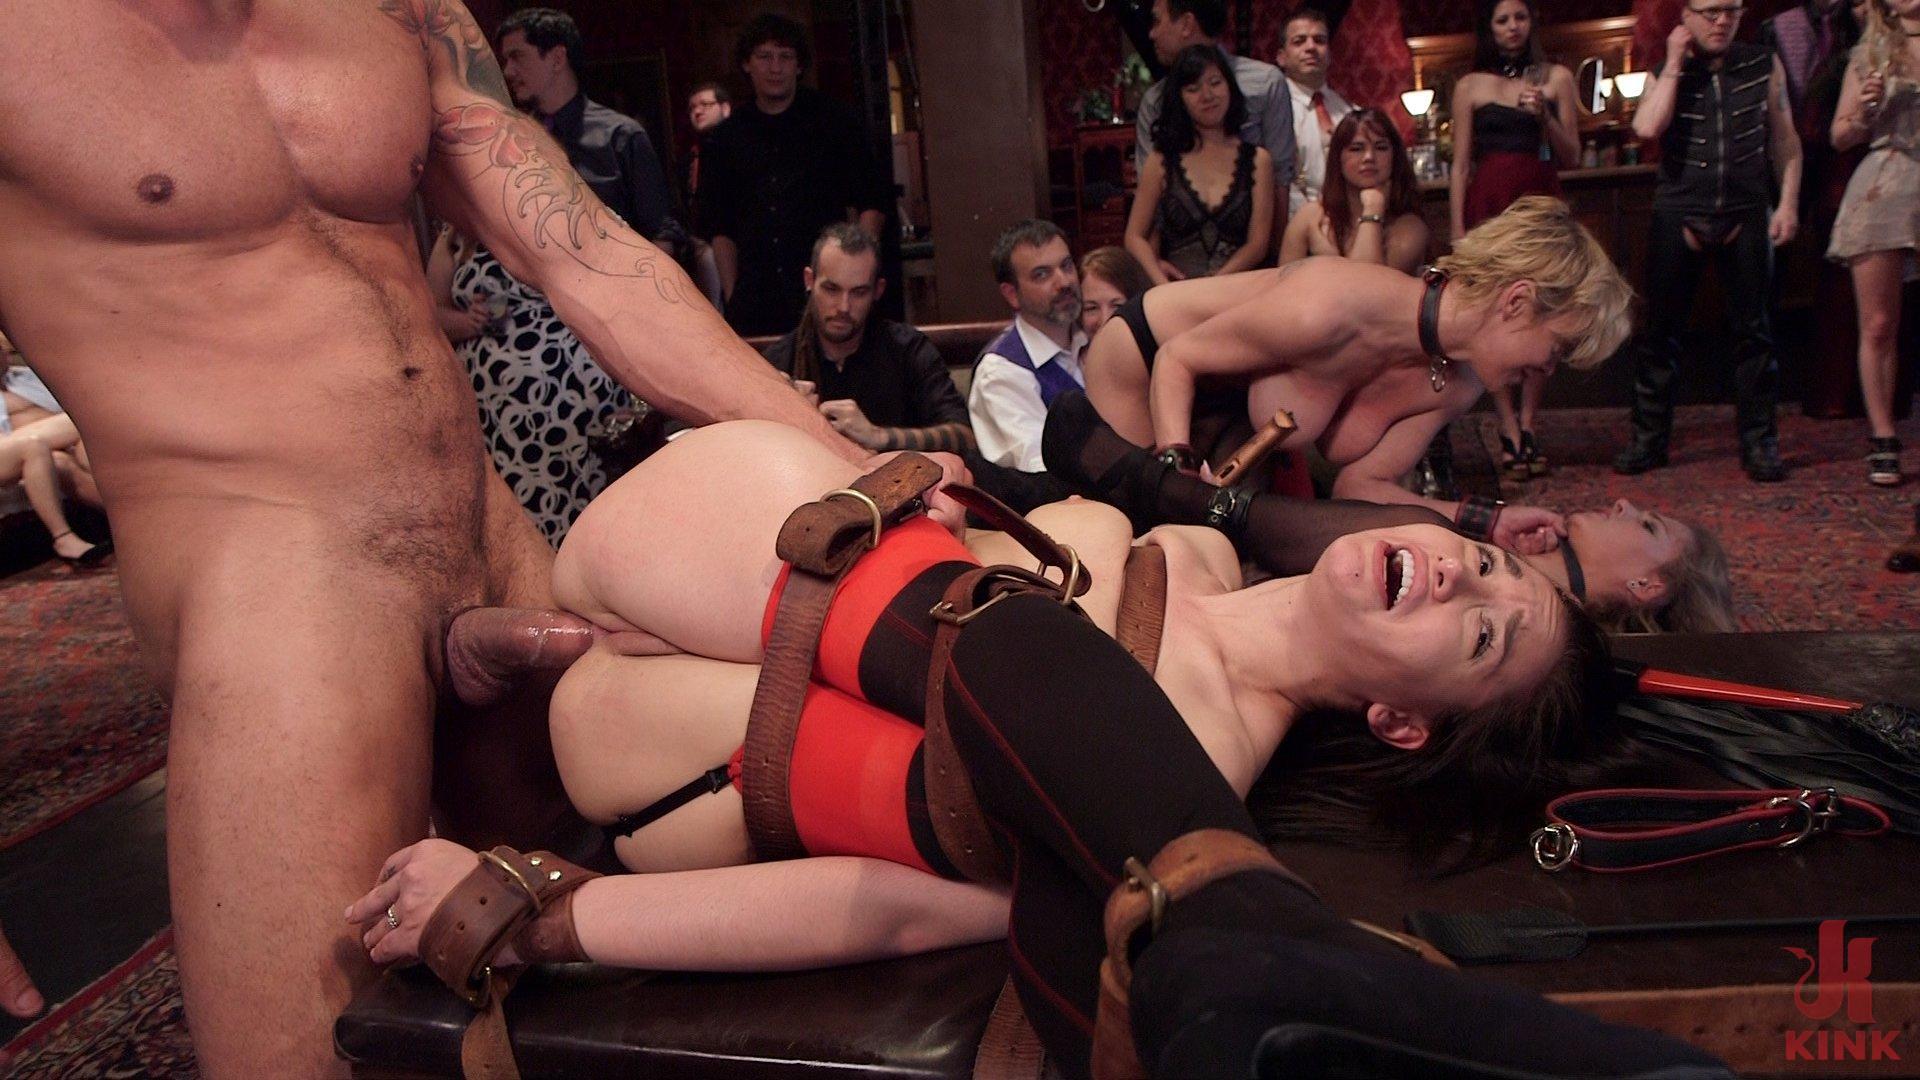 bdsm orgy porn tube